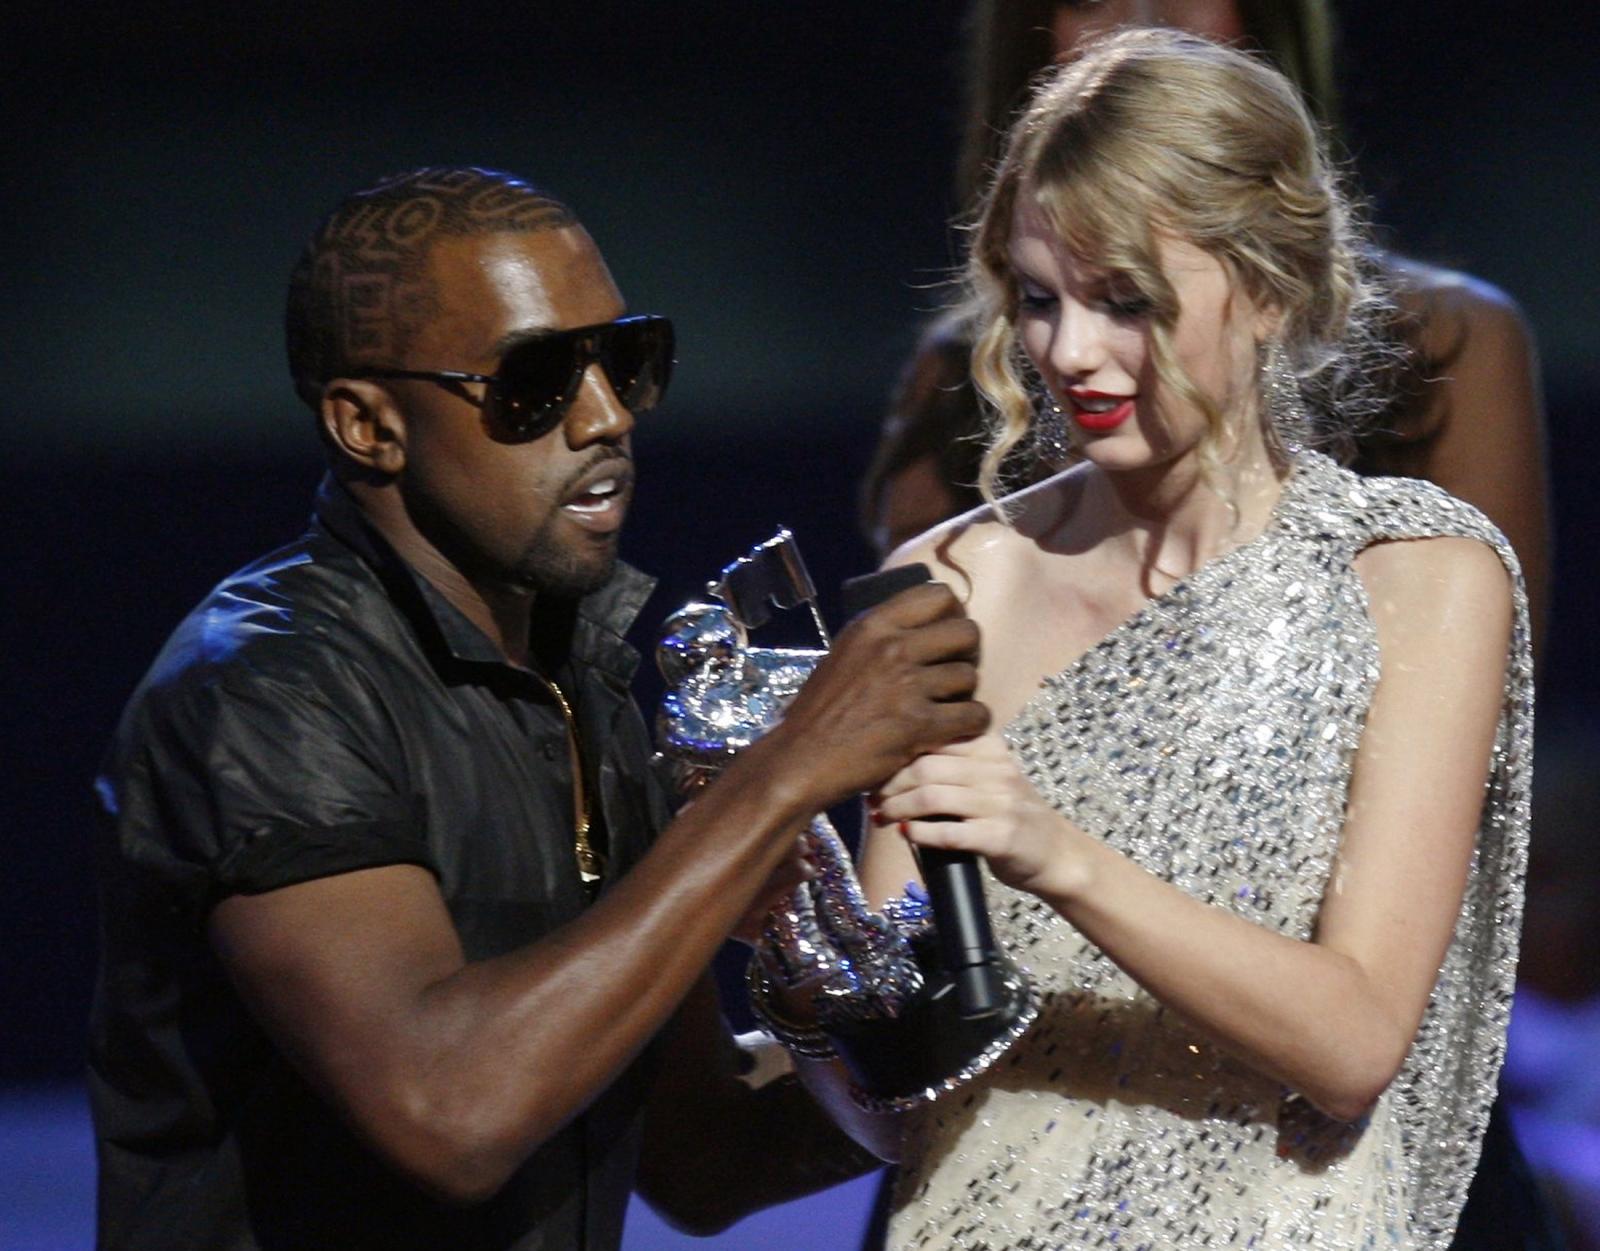 Taylor Swift Kanye West Famous Khloe Kardashian Attacks -8726